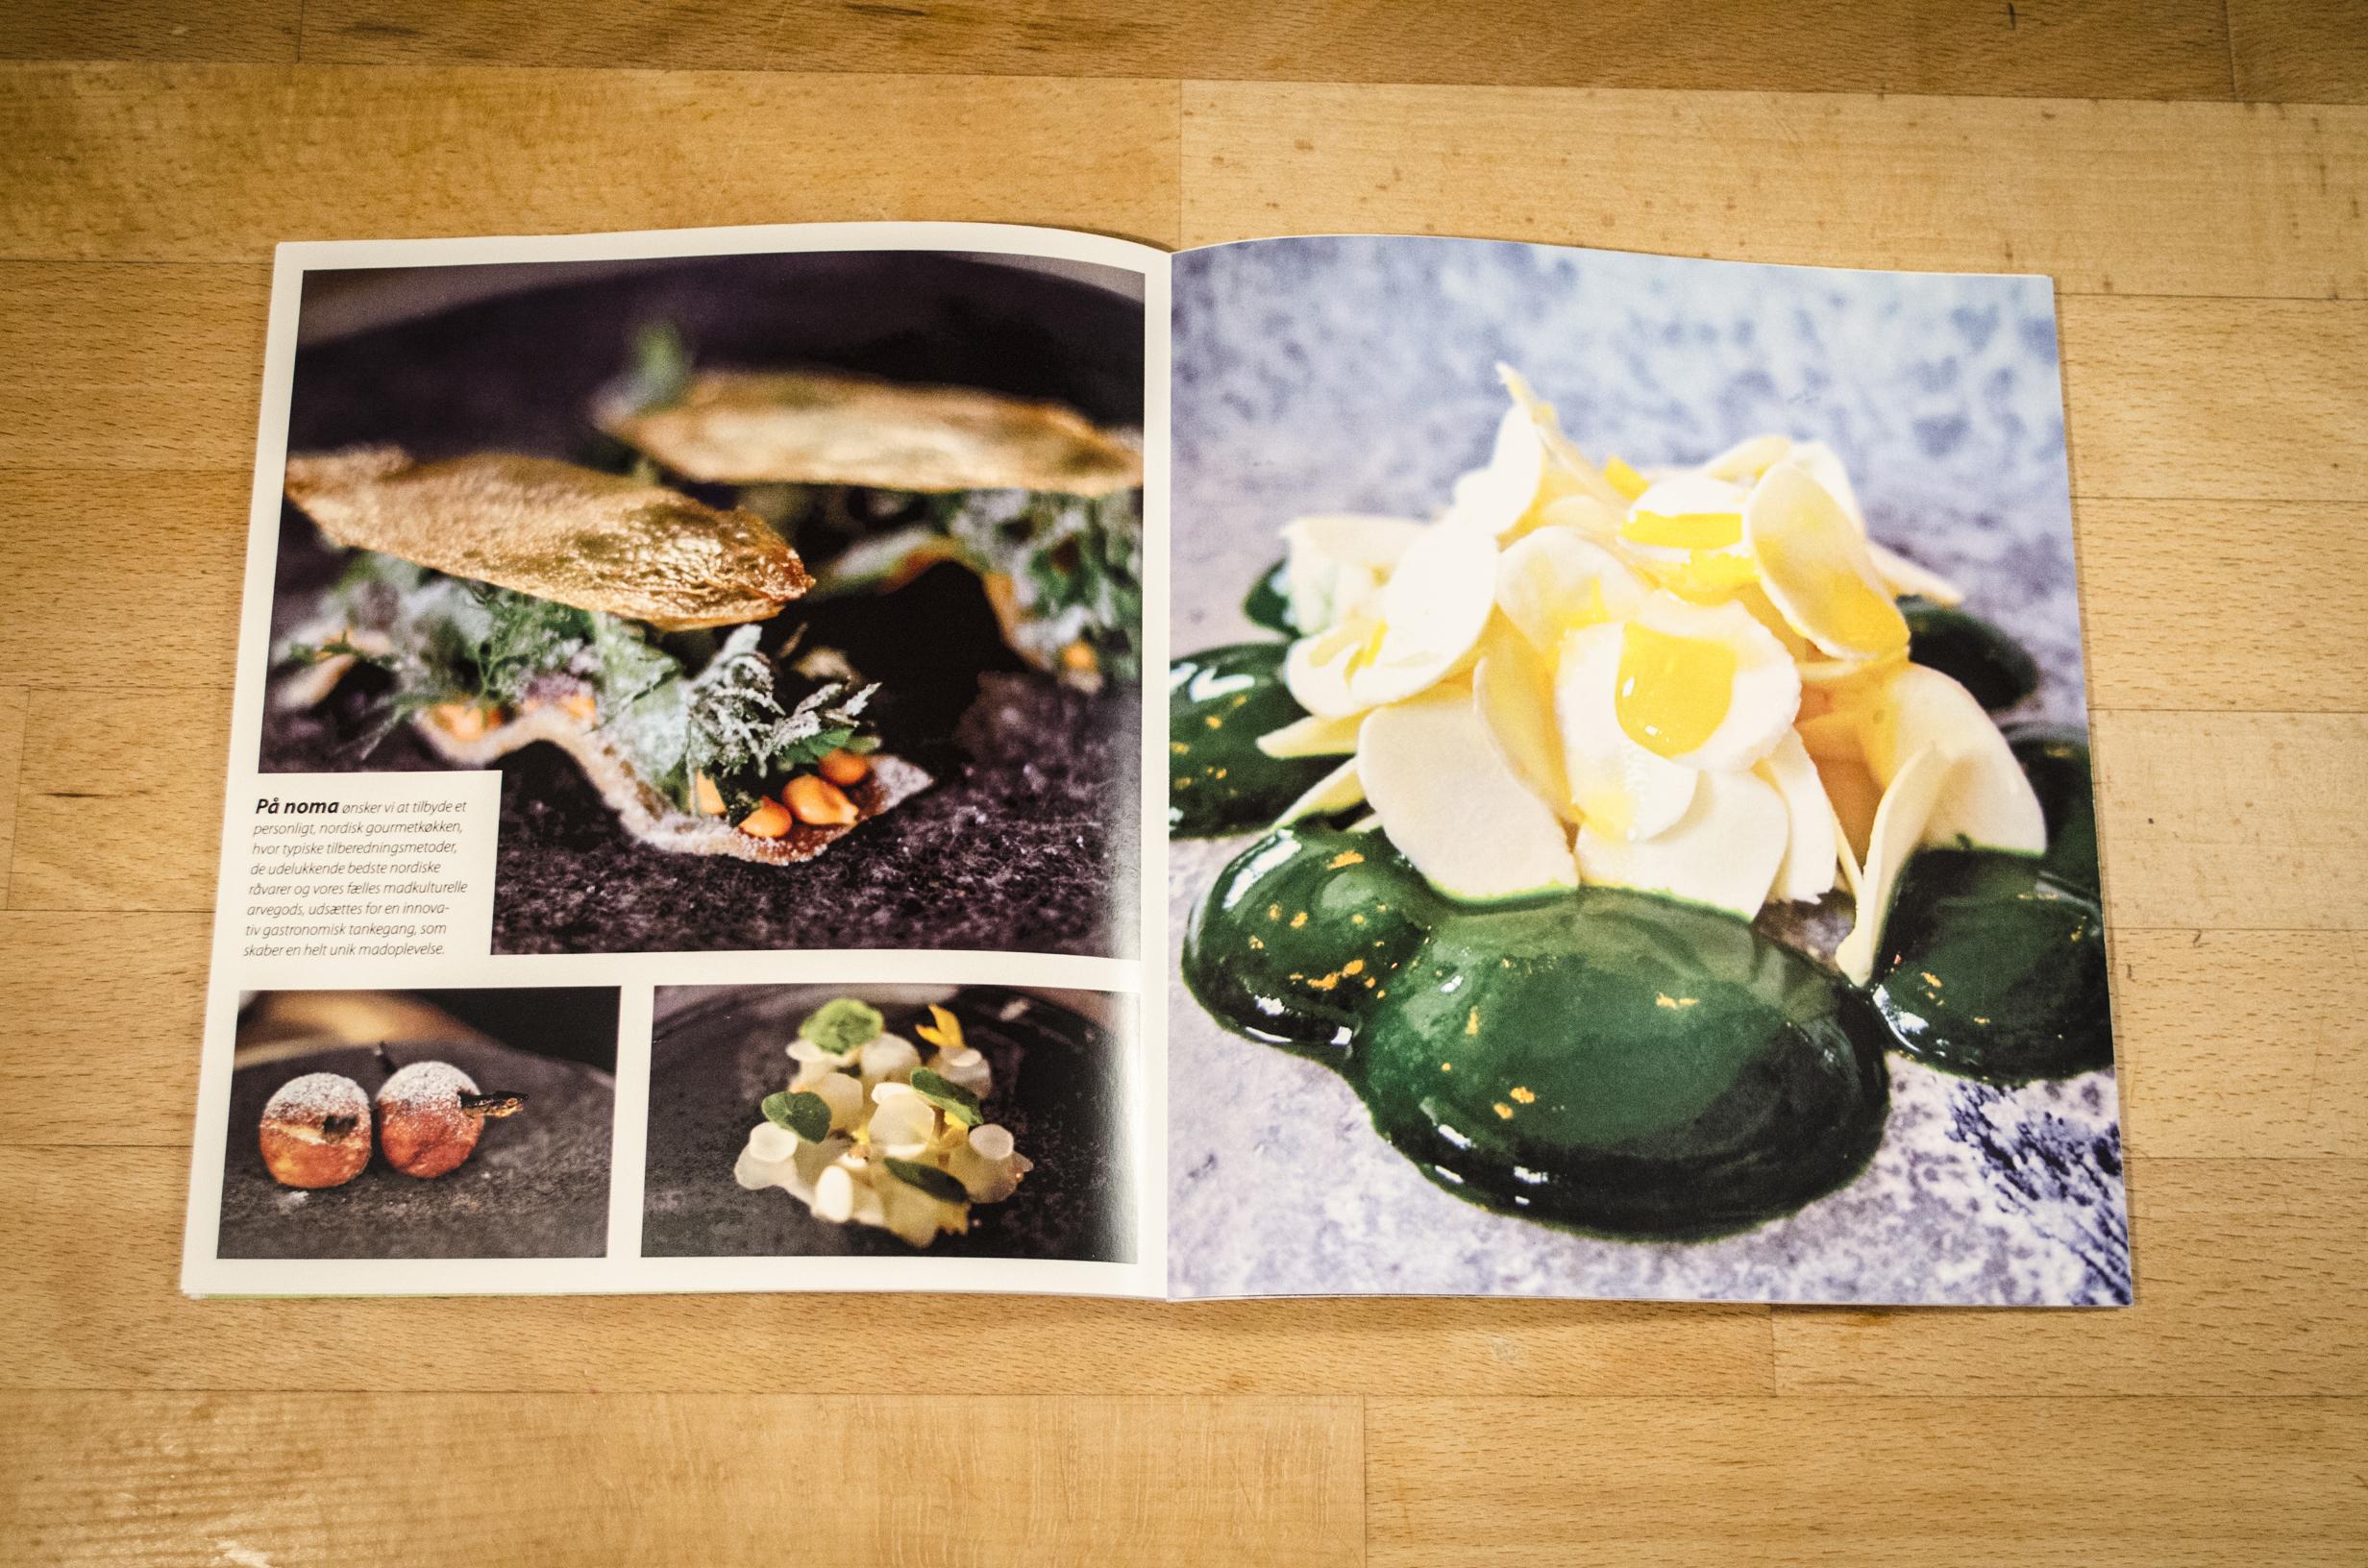 noma brochure 017.jpg